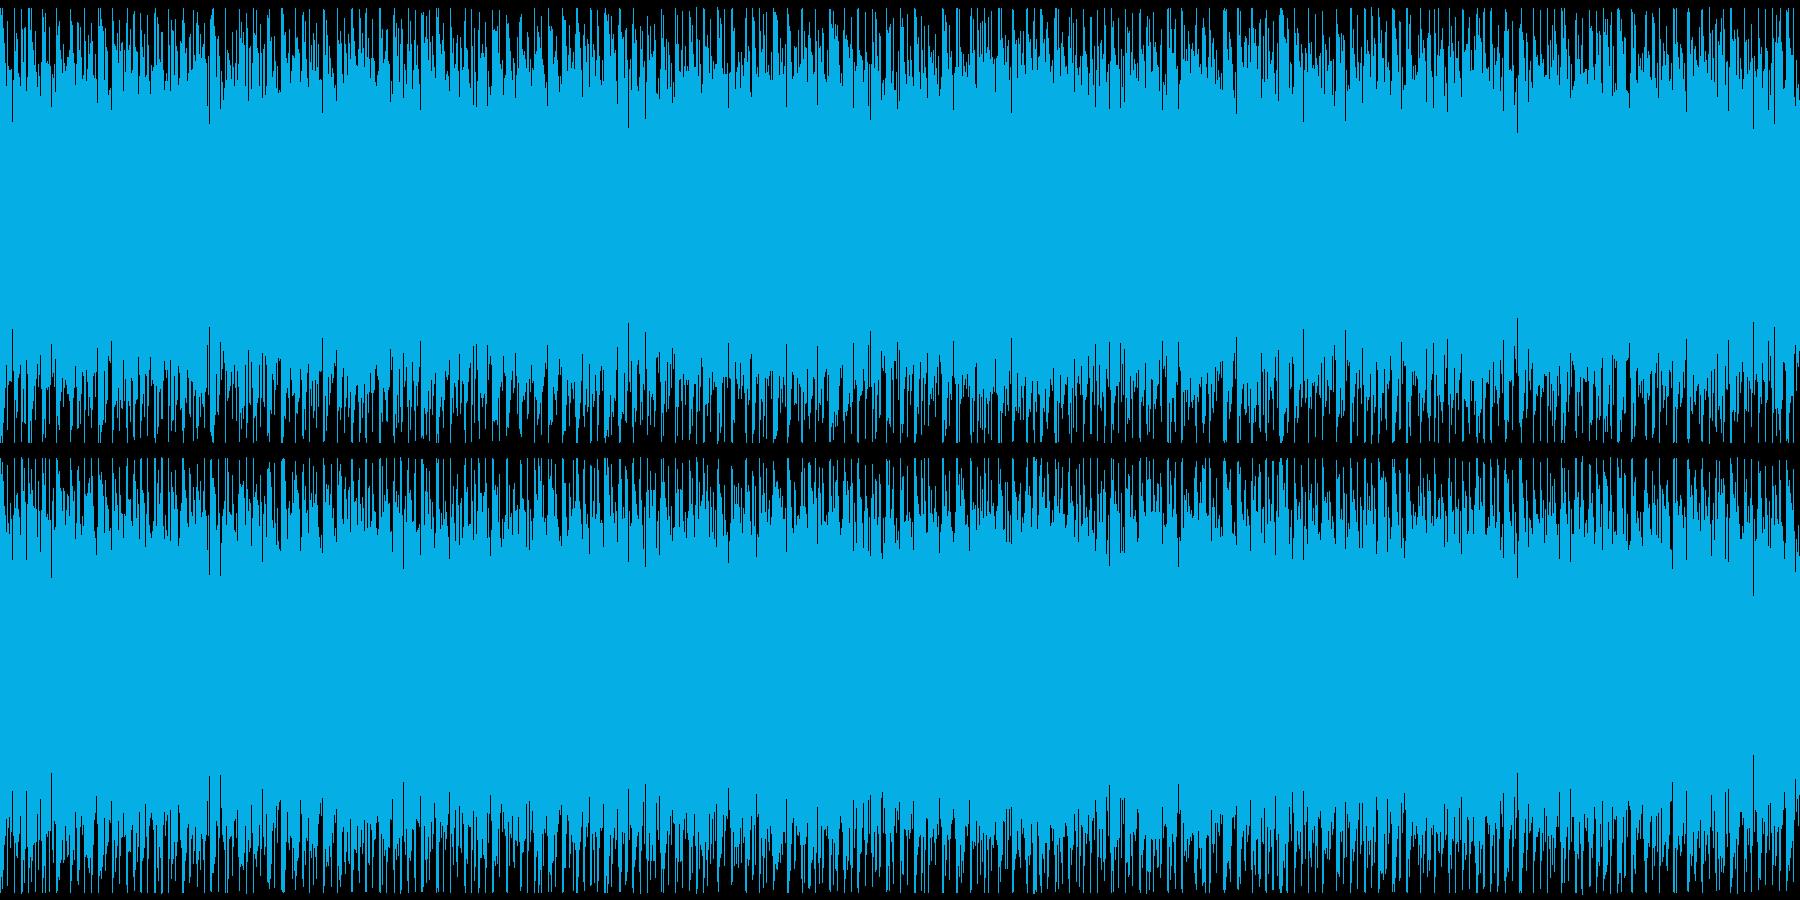 ニュースや映像、ループ可能なハウス2の再生済みの波形